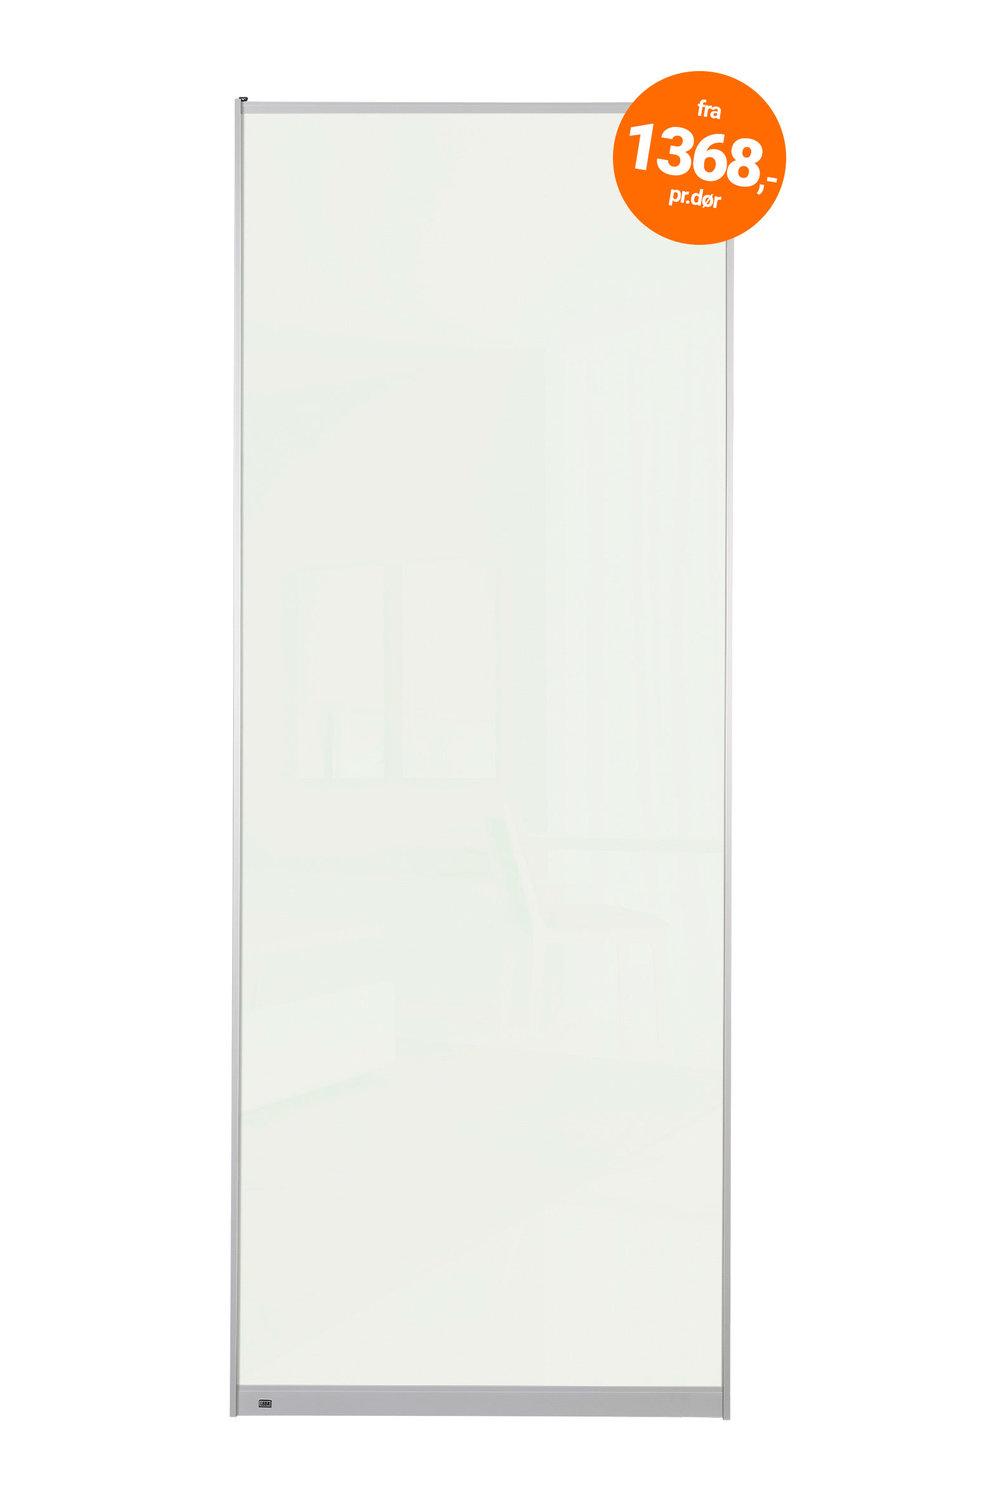 F7101 - Hvit glass   Bredde inntil 610mm - 1368,- pr.dør Bredde inntil 1020mm - 1872,- pr.dør Maks høyde 2500mm